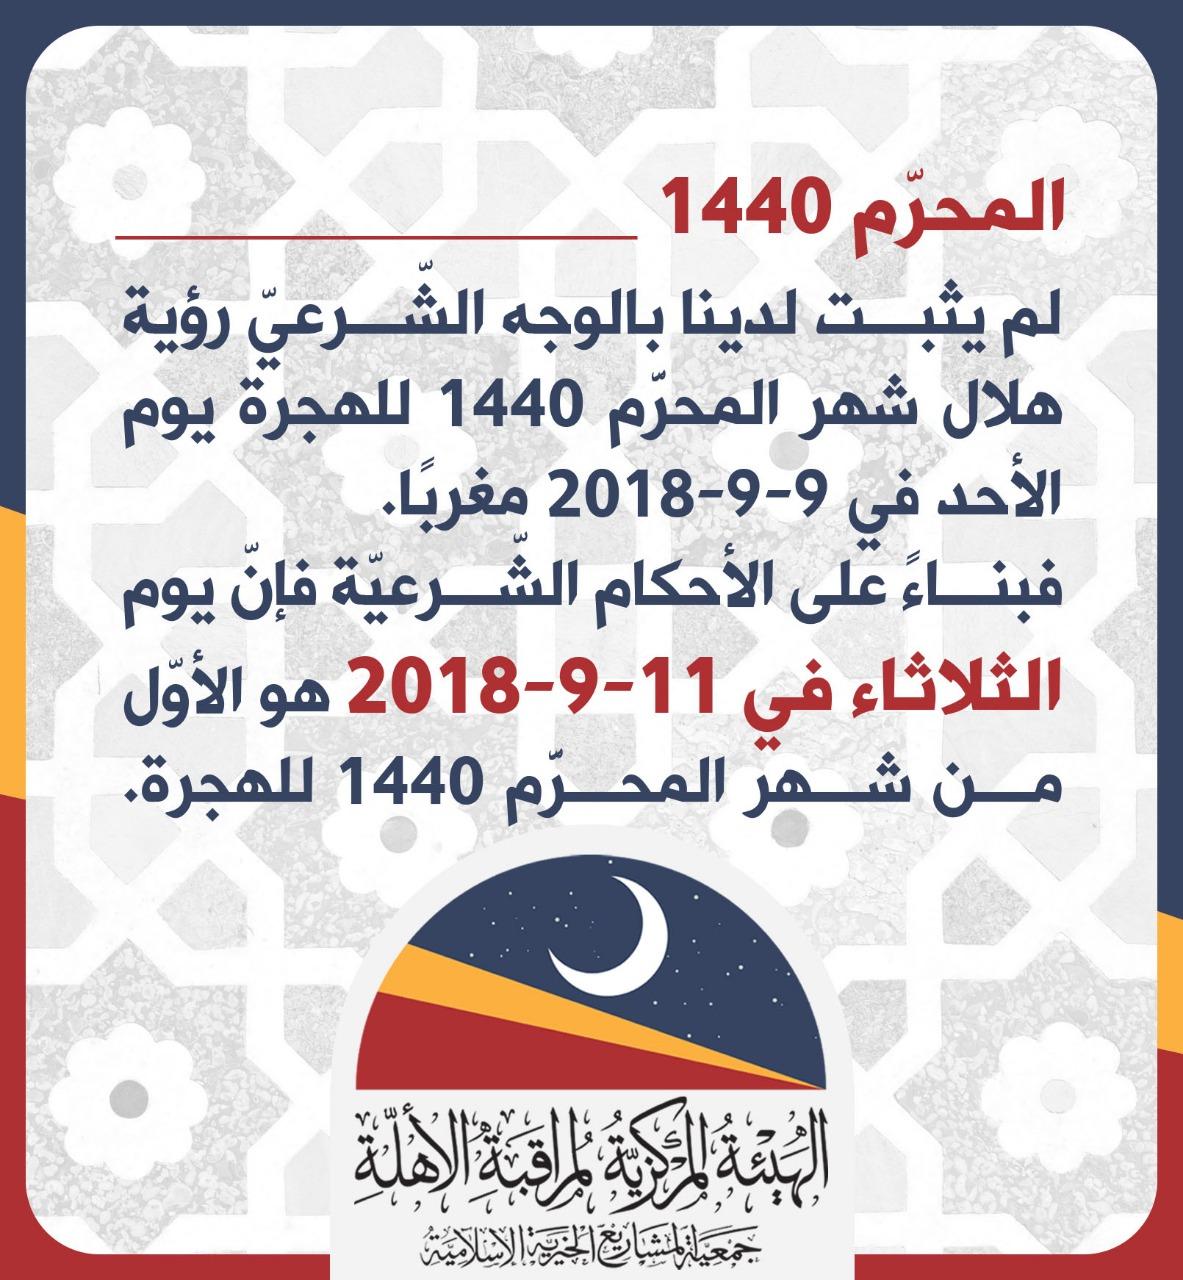 Mardi 11.09.2018 1er jour de l'année 1440H